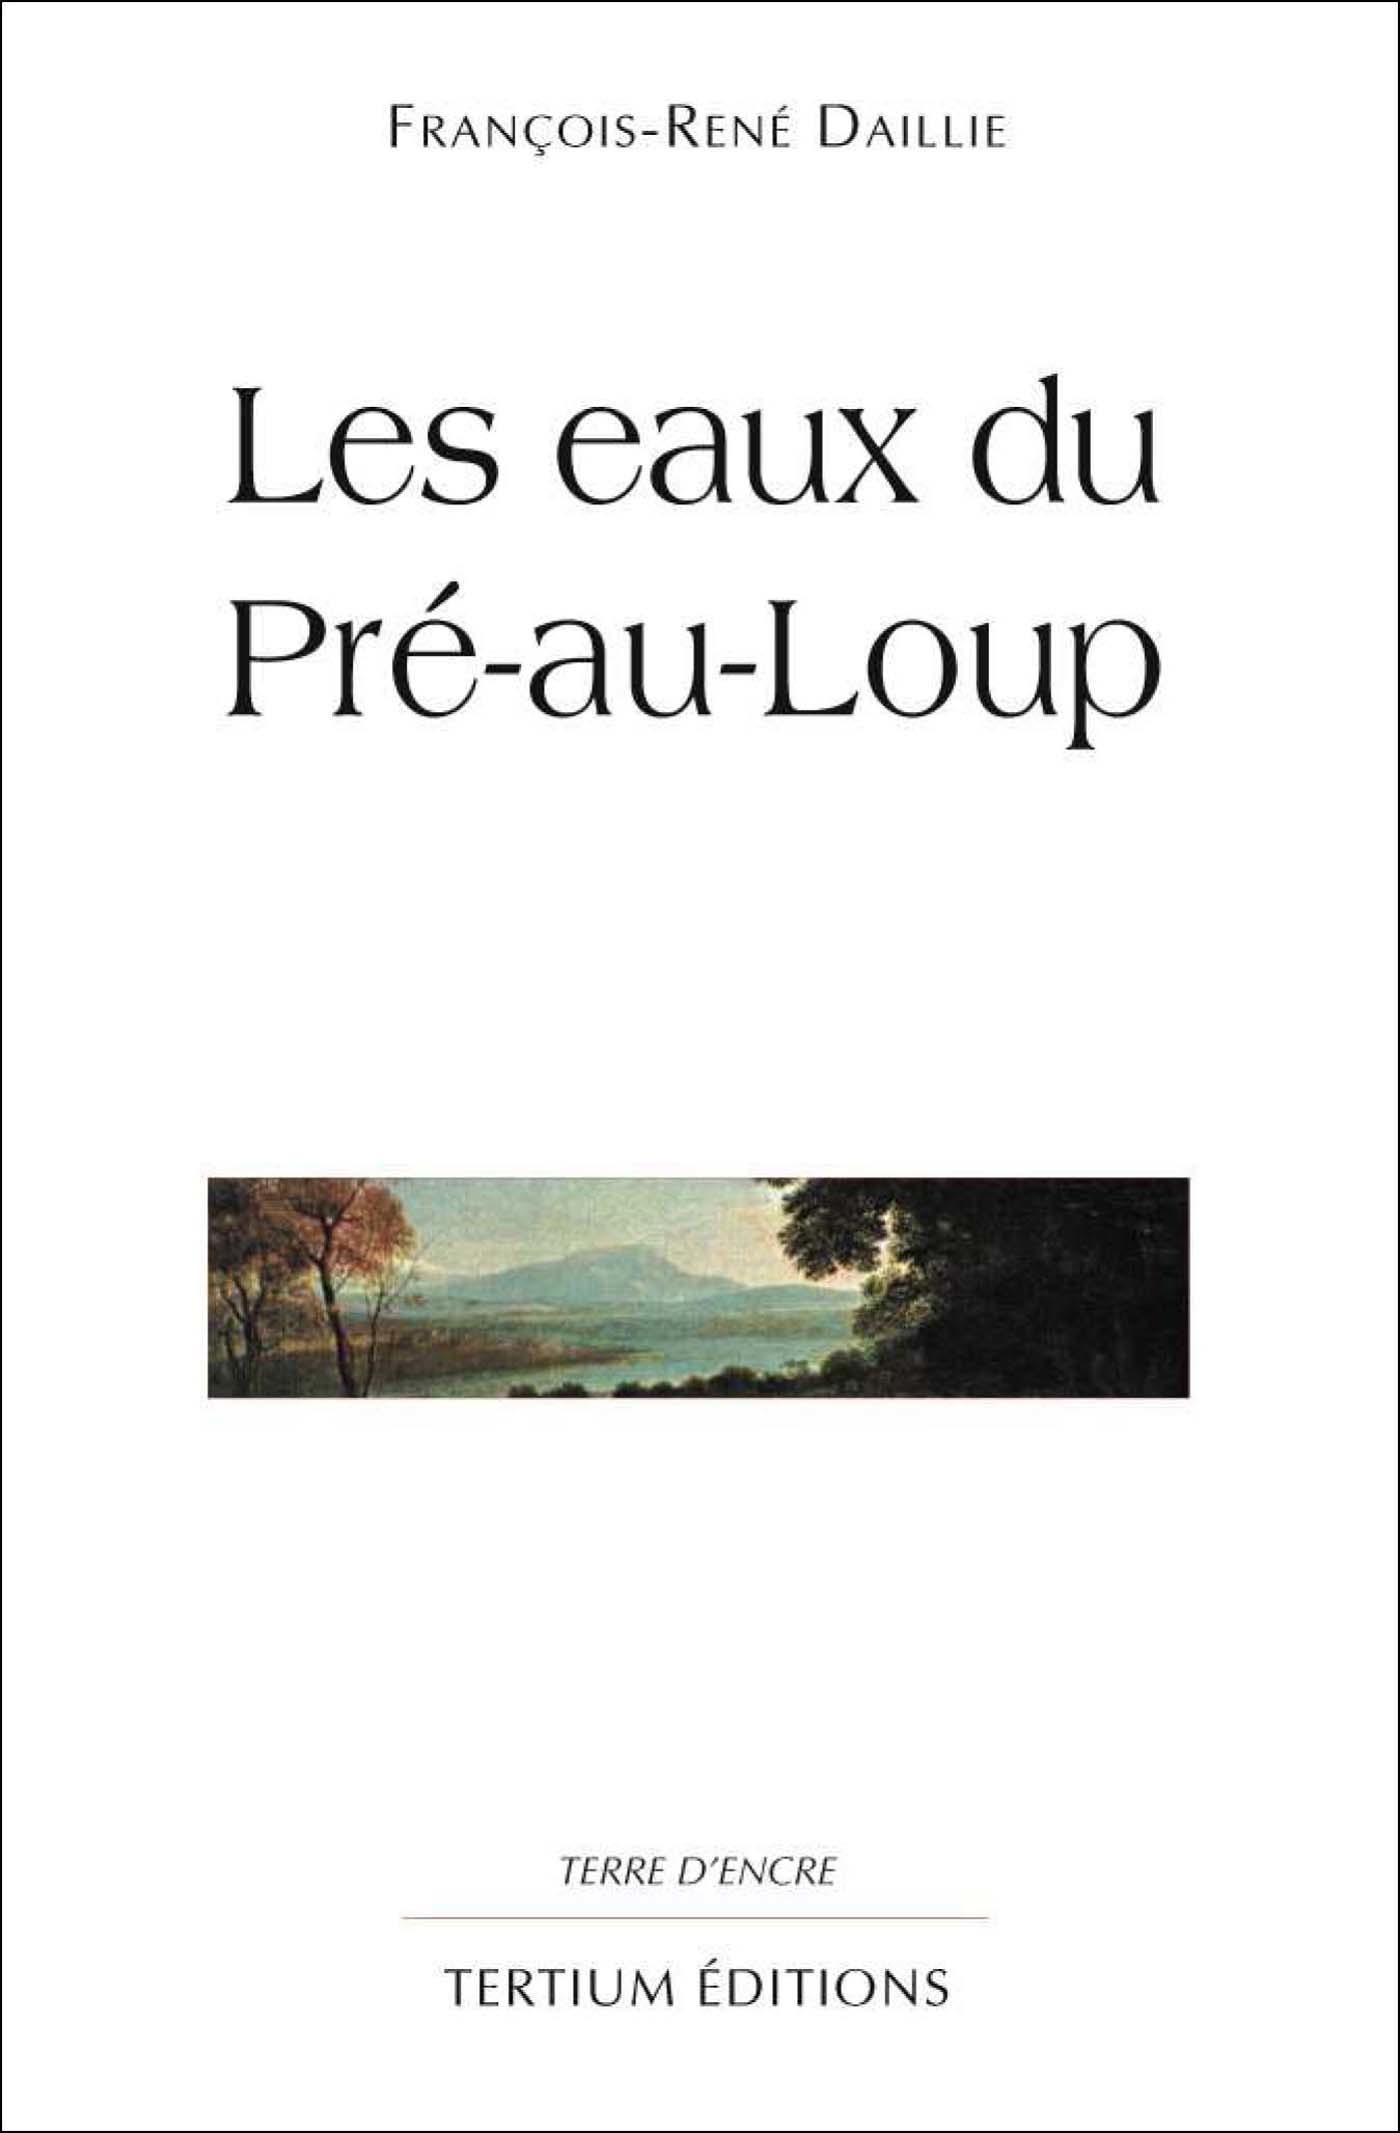 Les eaux du Pré-au-Loup